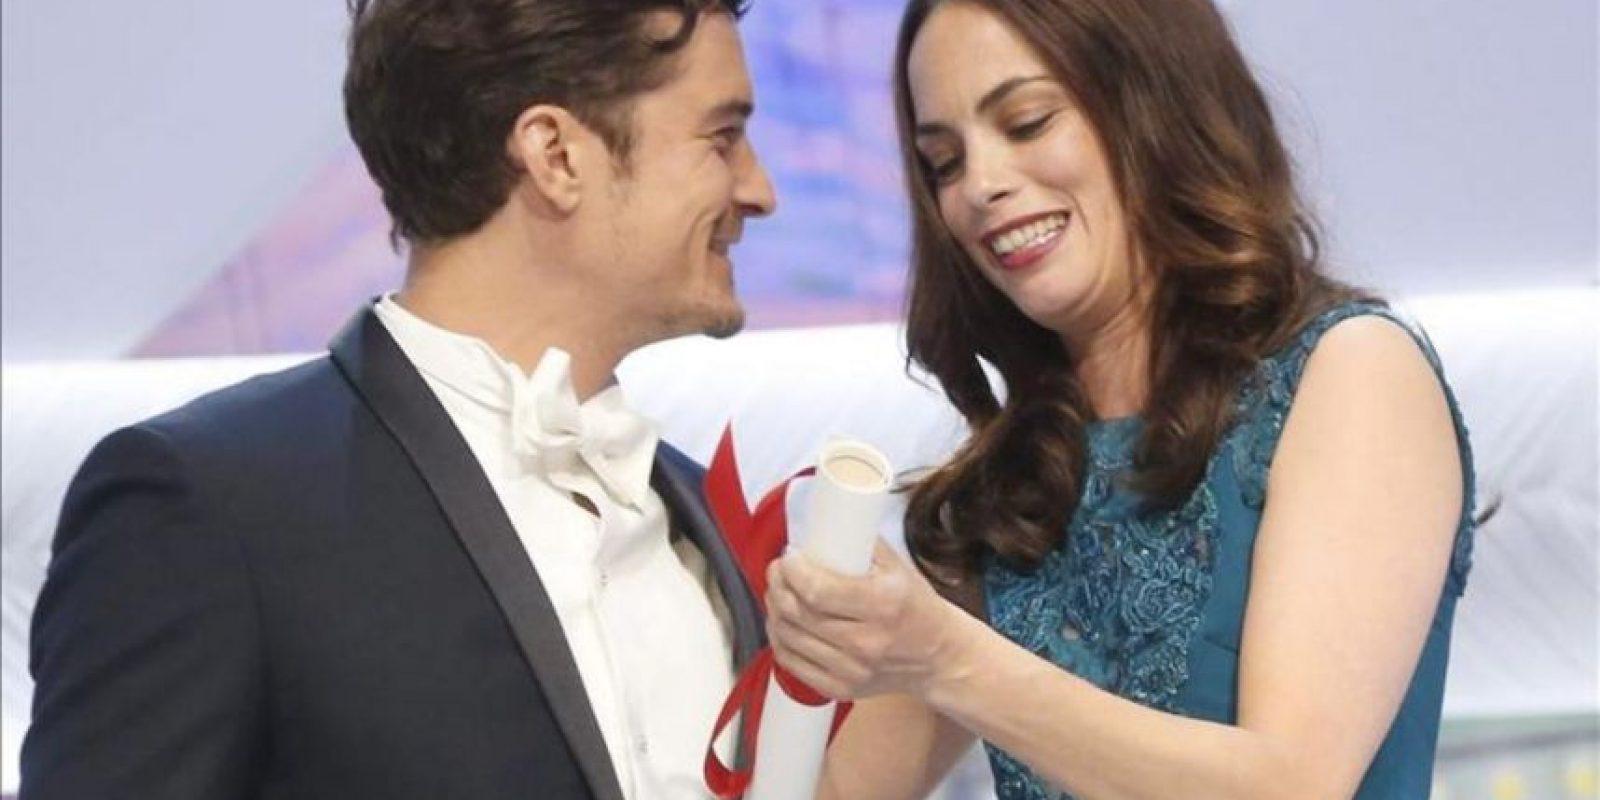 La actriz franco-argentina Berenice Bejo (d) recibe el premio a la mejor interpretación femenina de manos del actor británico Orlando Bloom (d) en la ceremonia de clausura de la 66 º Festival de Cine de Cannes en Cannes, Francia. EFE